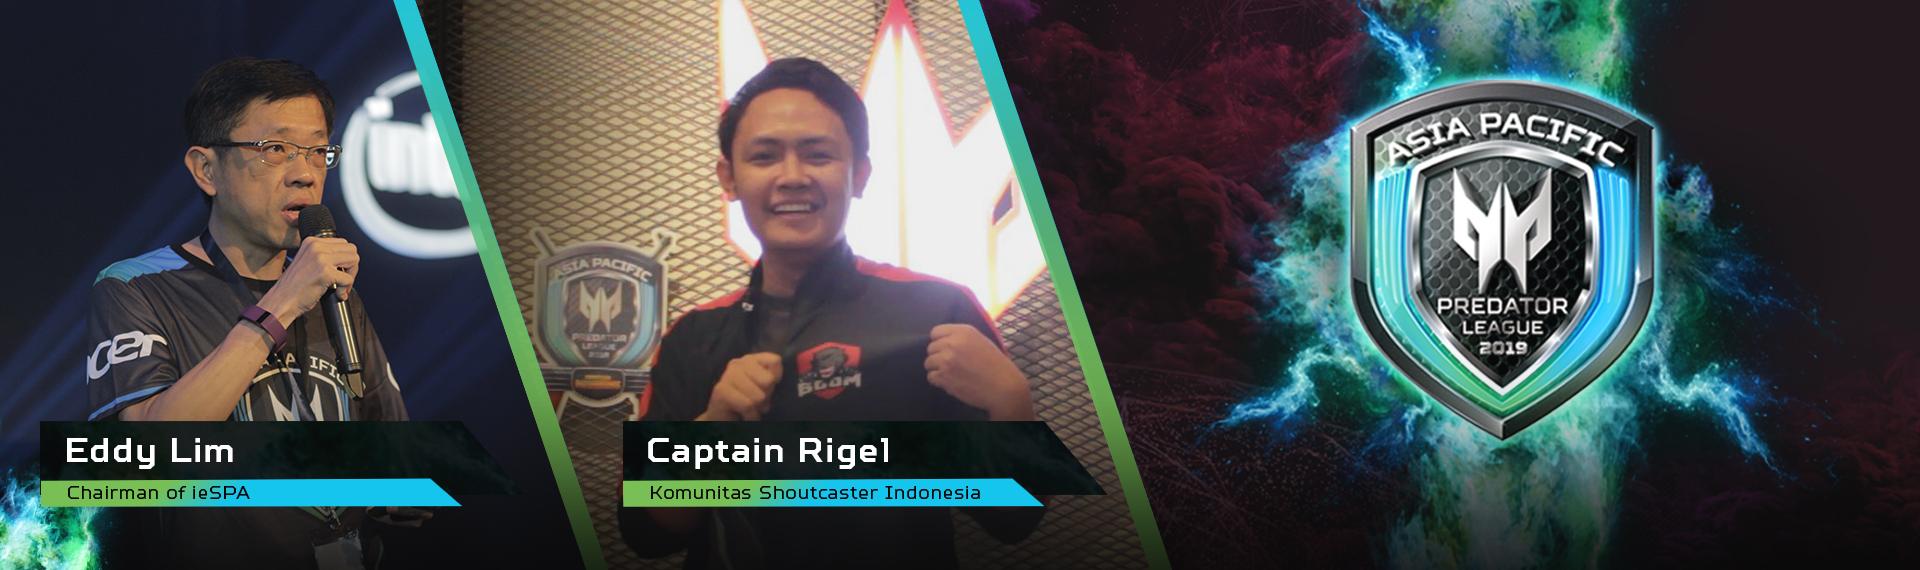 Semangat dan Harapan Mereka untuk Asia Pacific Predator League 2019